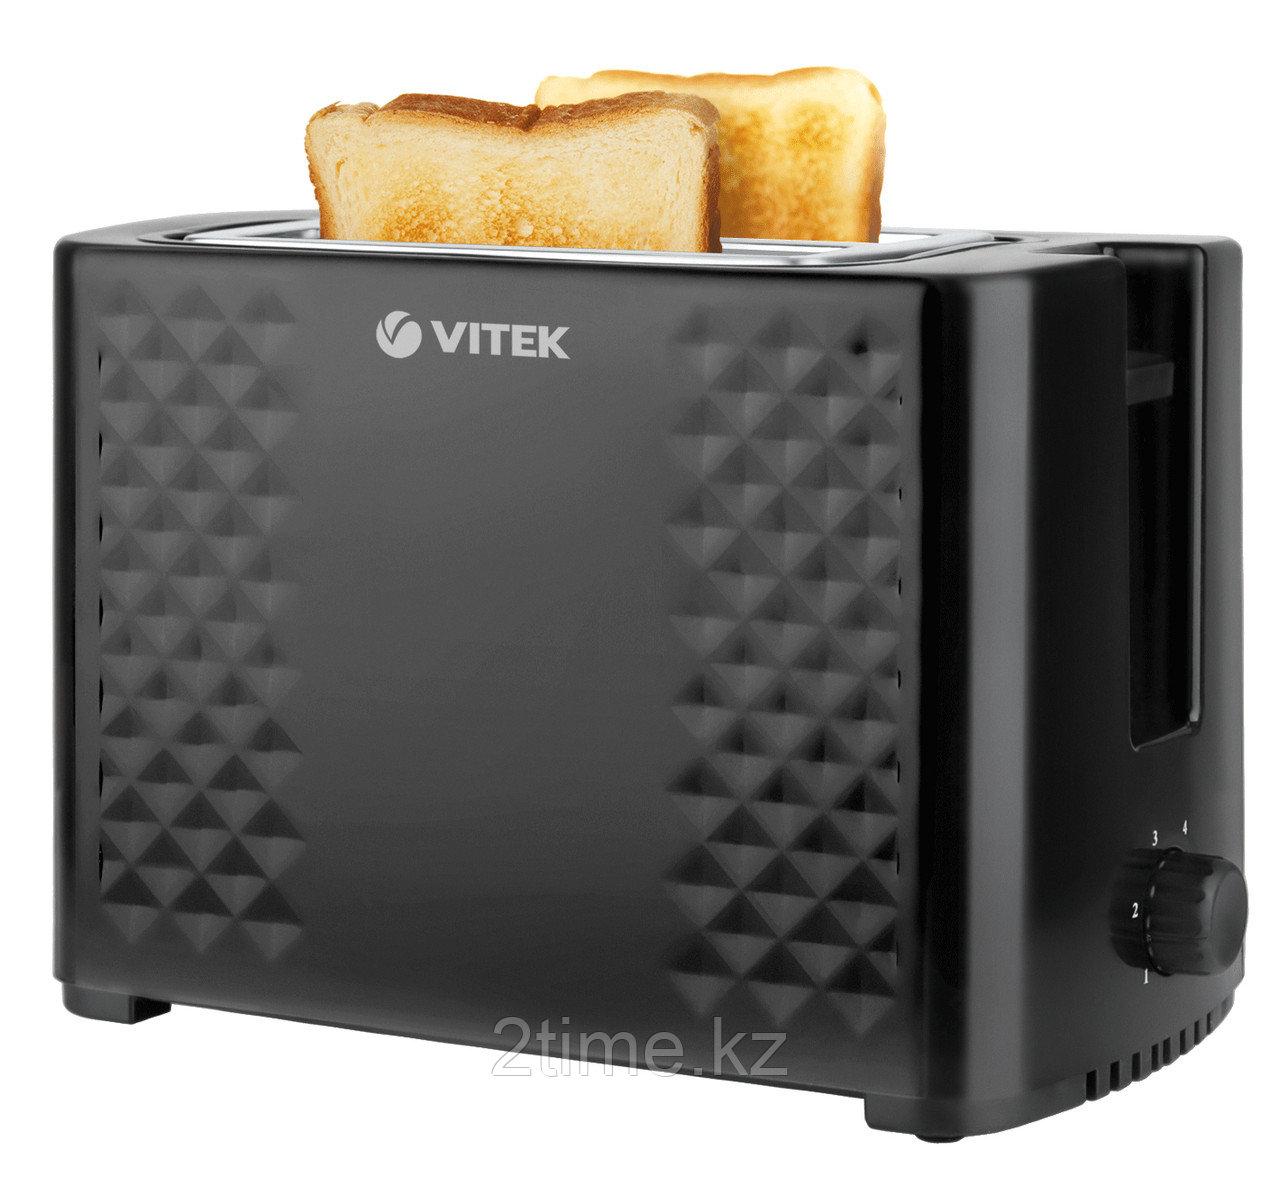 Тостер Vitek VT-1586